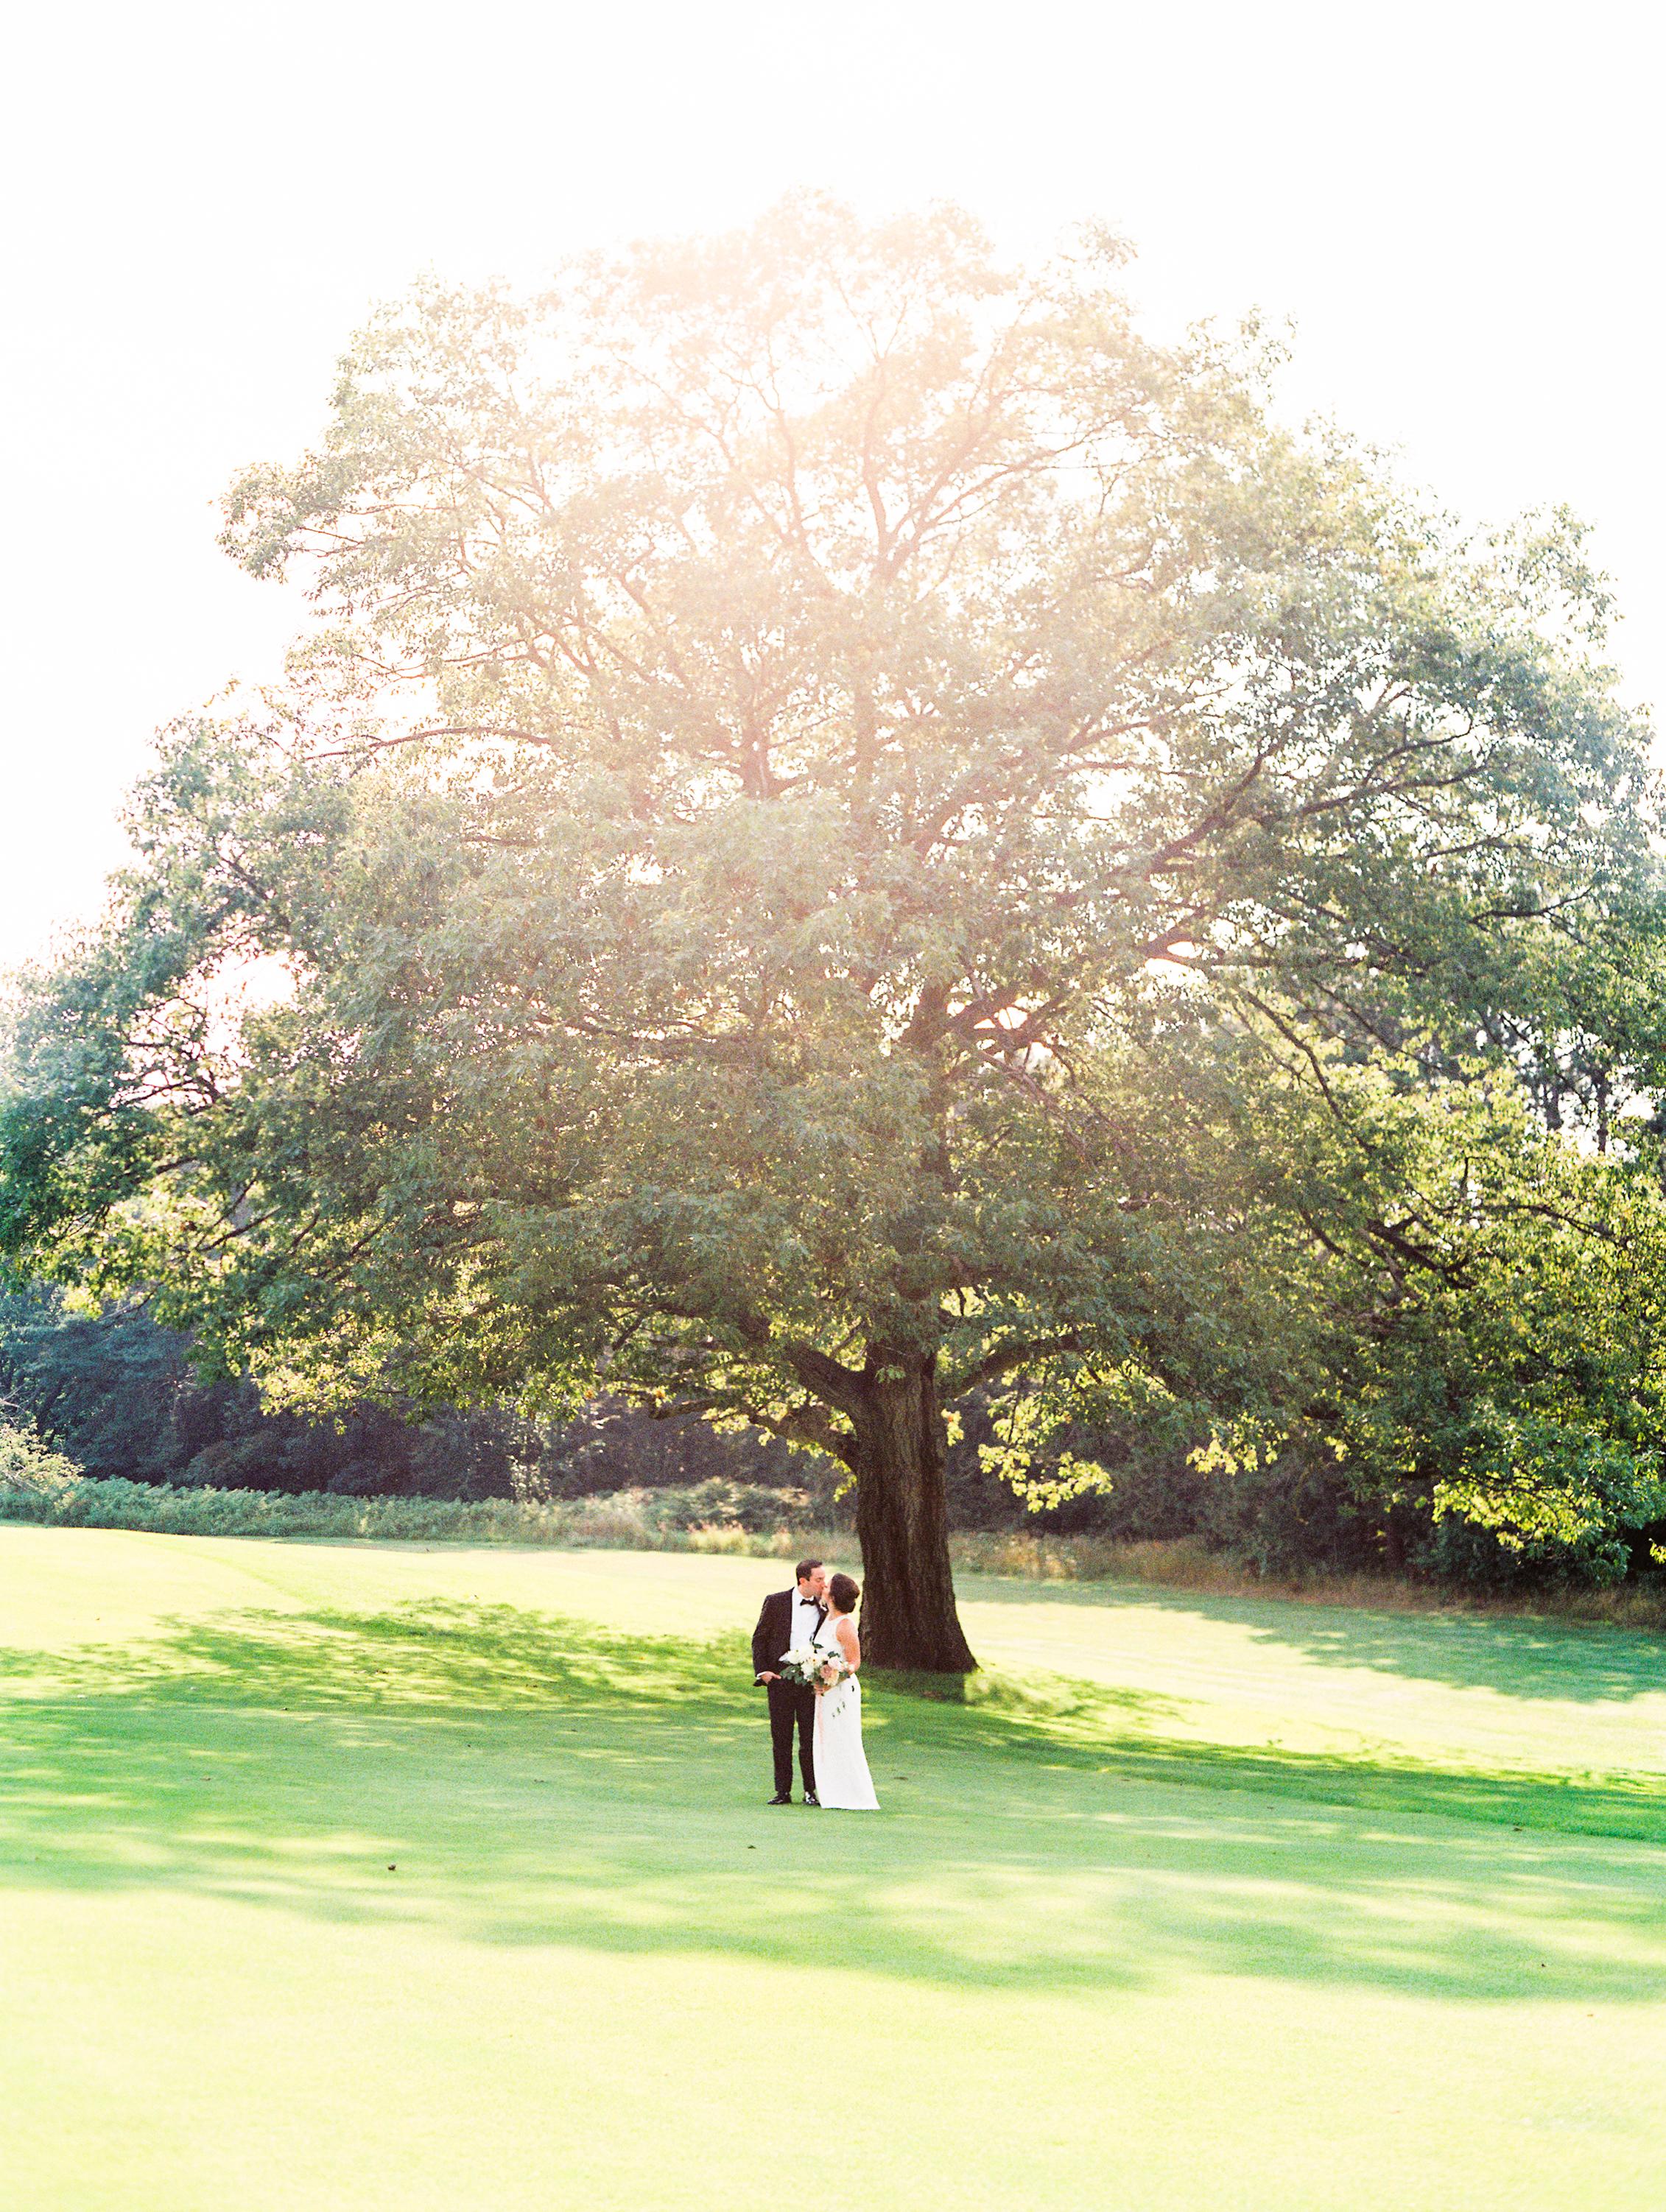 Zoller+Wedding+First+Look-25.jpg